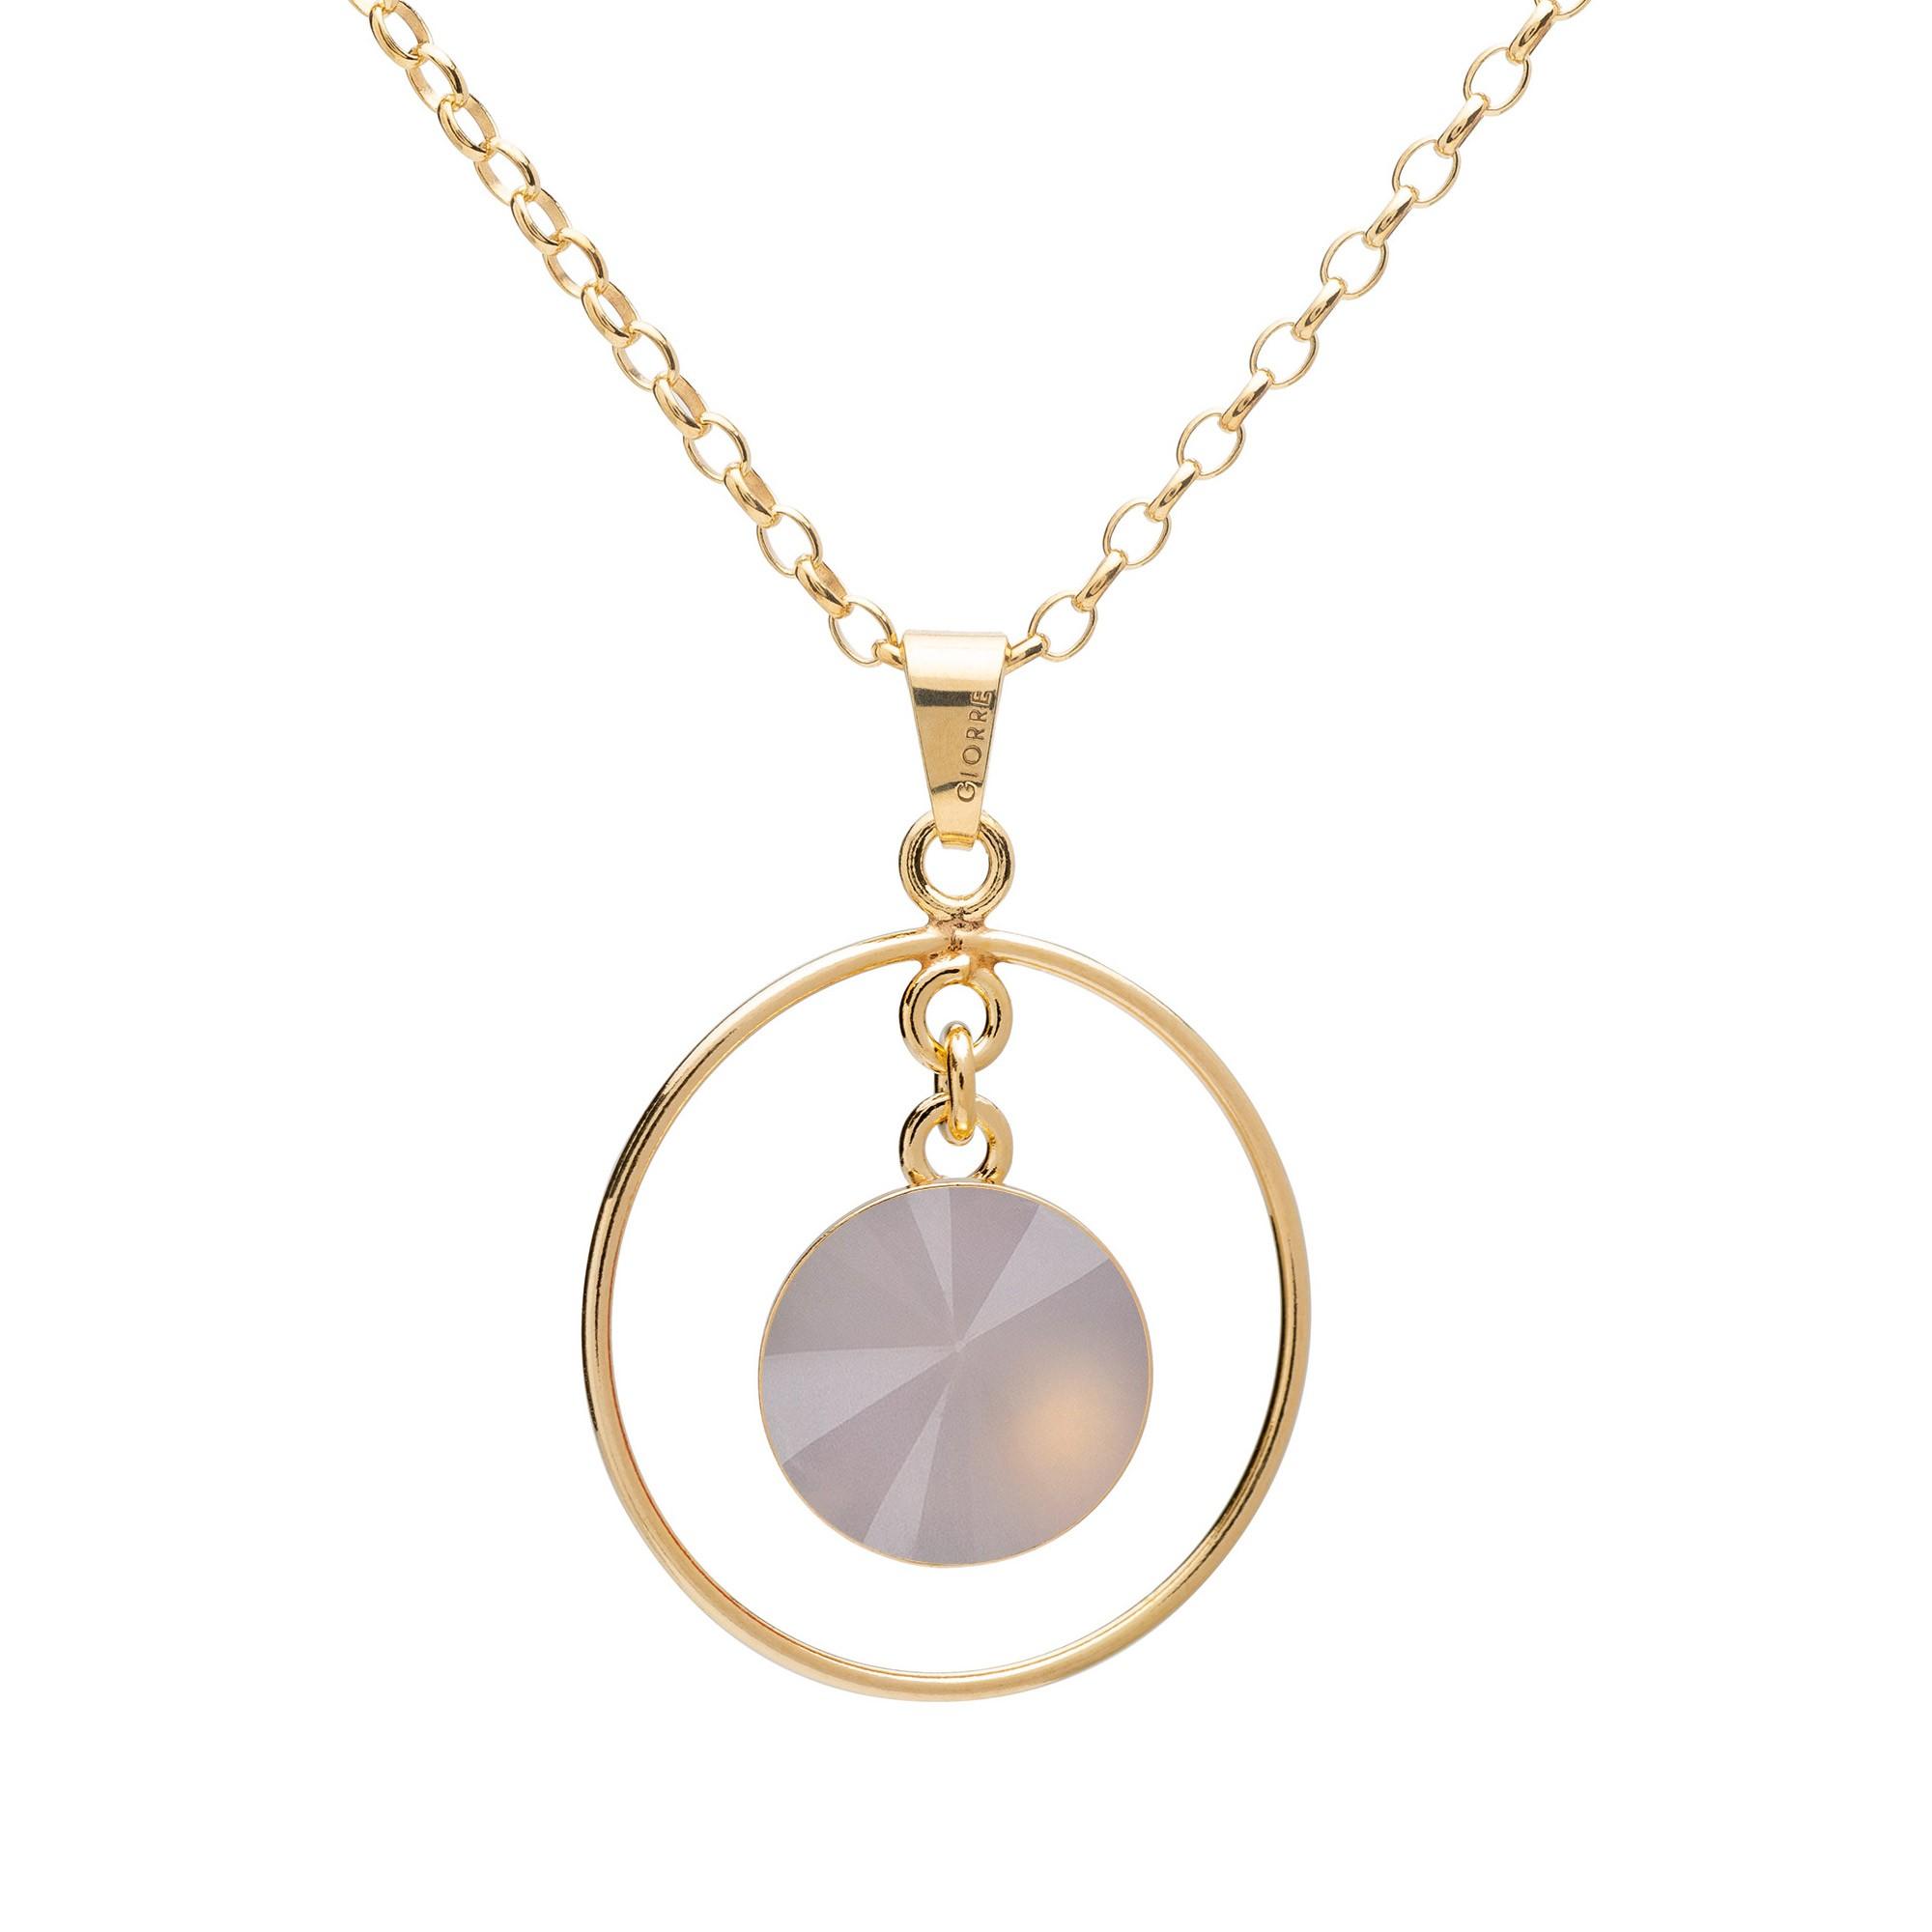 Okrągły naszyjnik z naturalnym kamieniem - kwarc, srebro 925